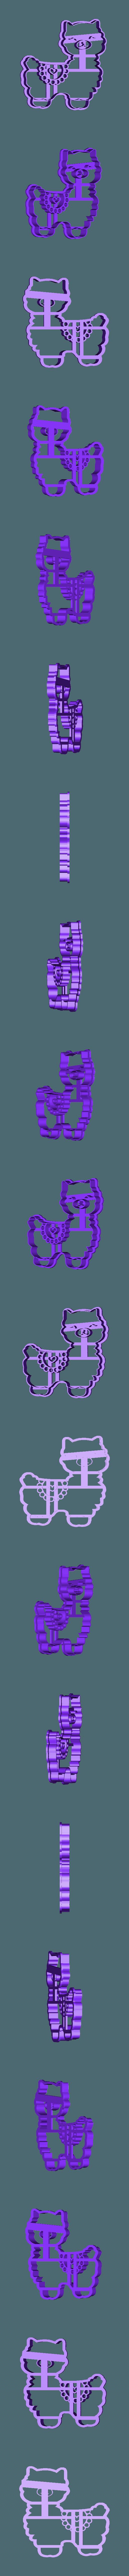 Llama Cookie Cutter.stl Télécharger fichier STL gratuit Joli emporte-pièce lama à l'emporte-pièce • Plan pour imprimante 3D, NicoDLC